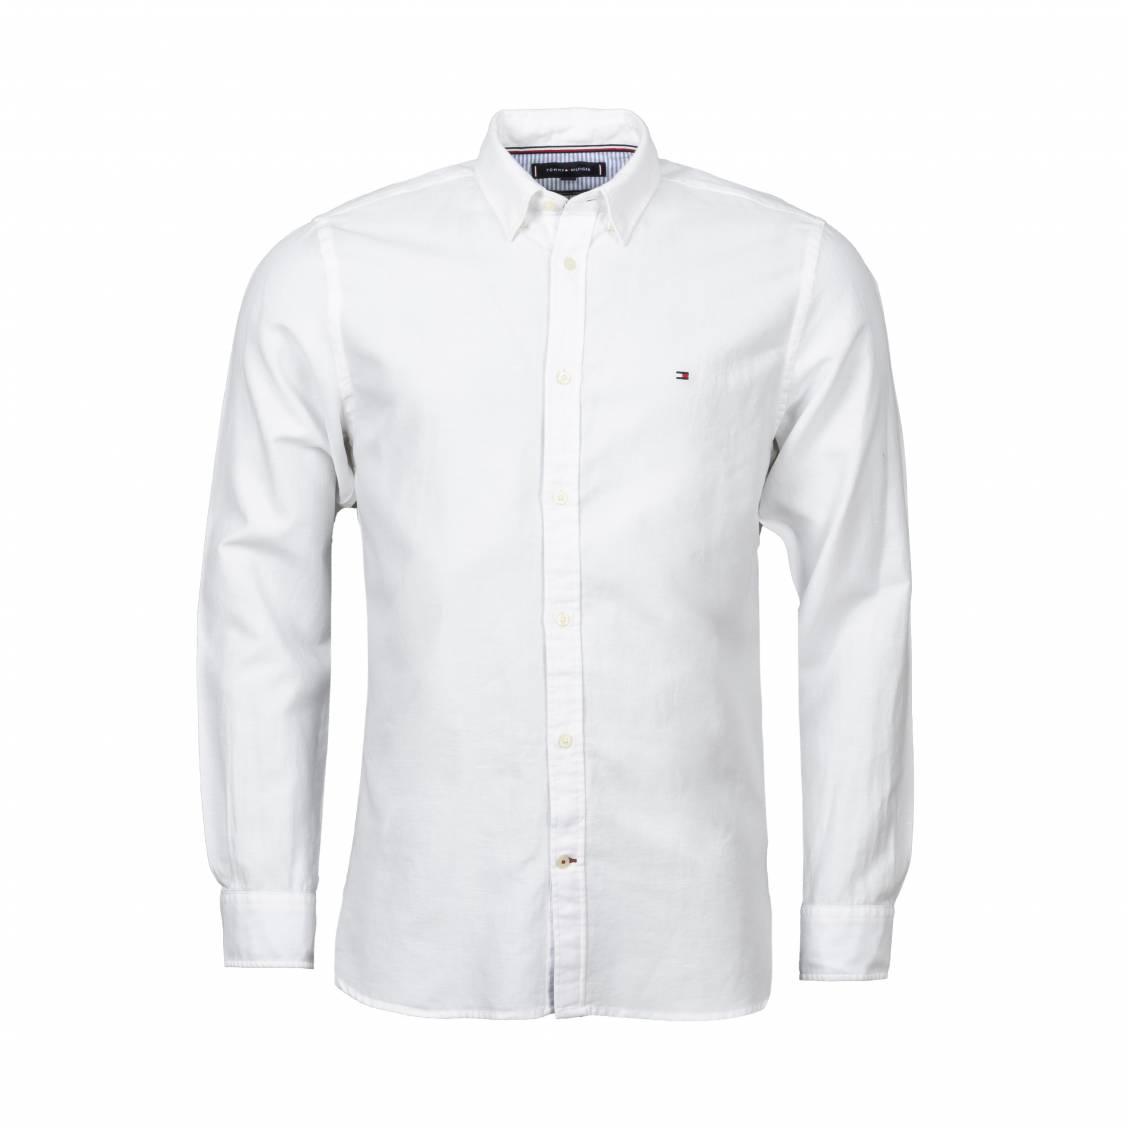 Chemise coupe ajustée Tommy Hilfiger en coton et lin blanc